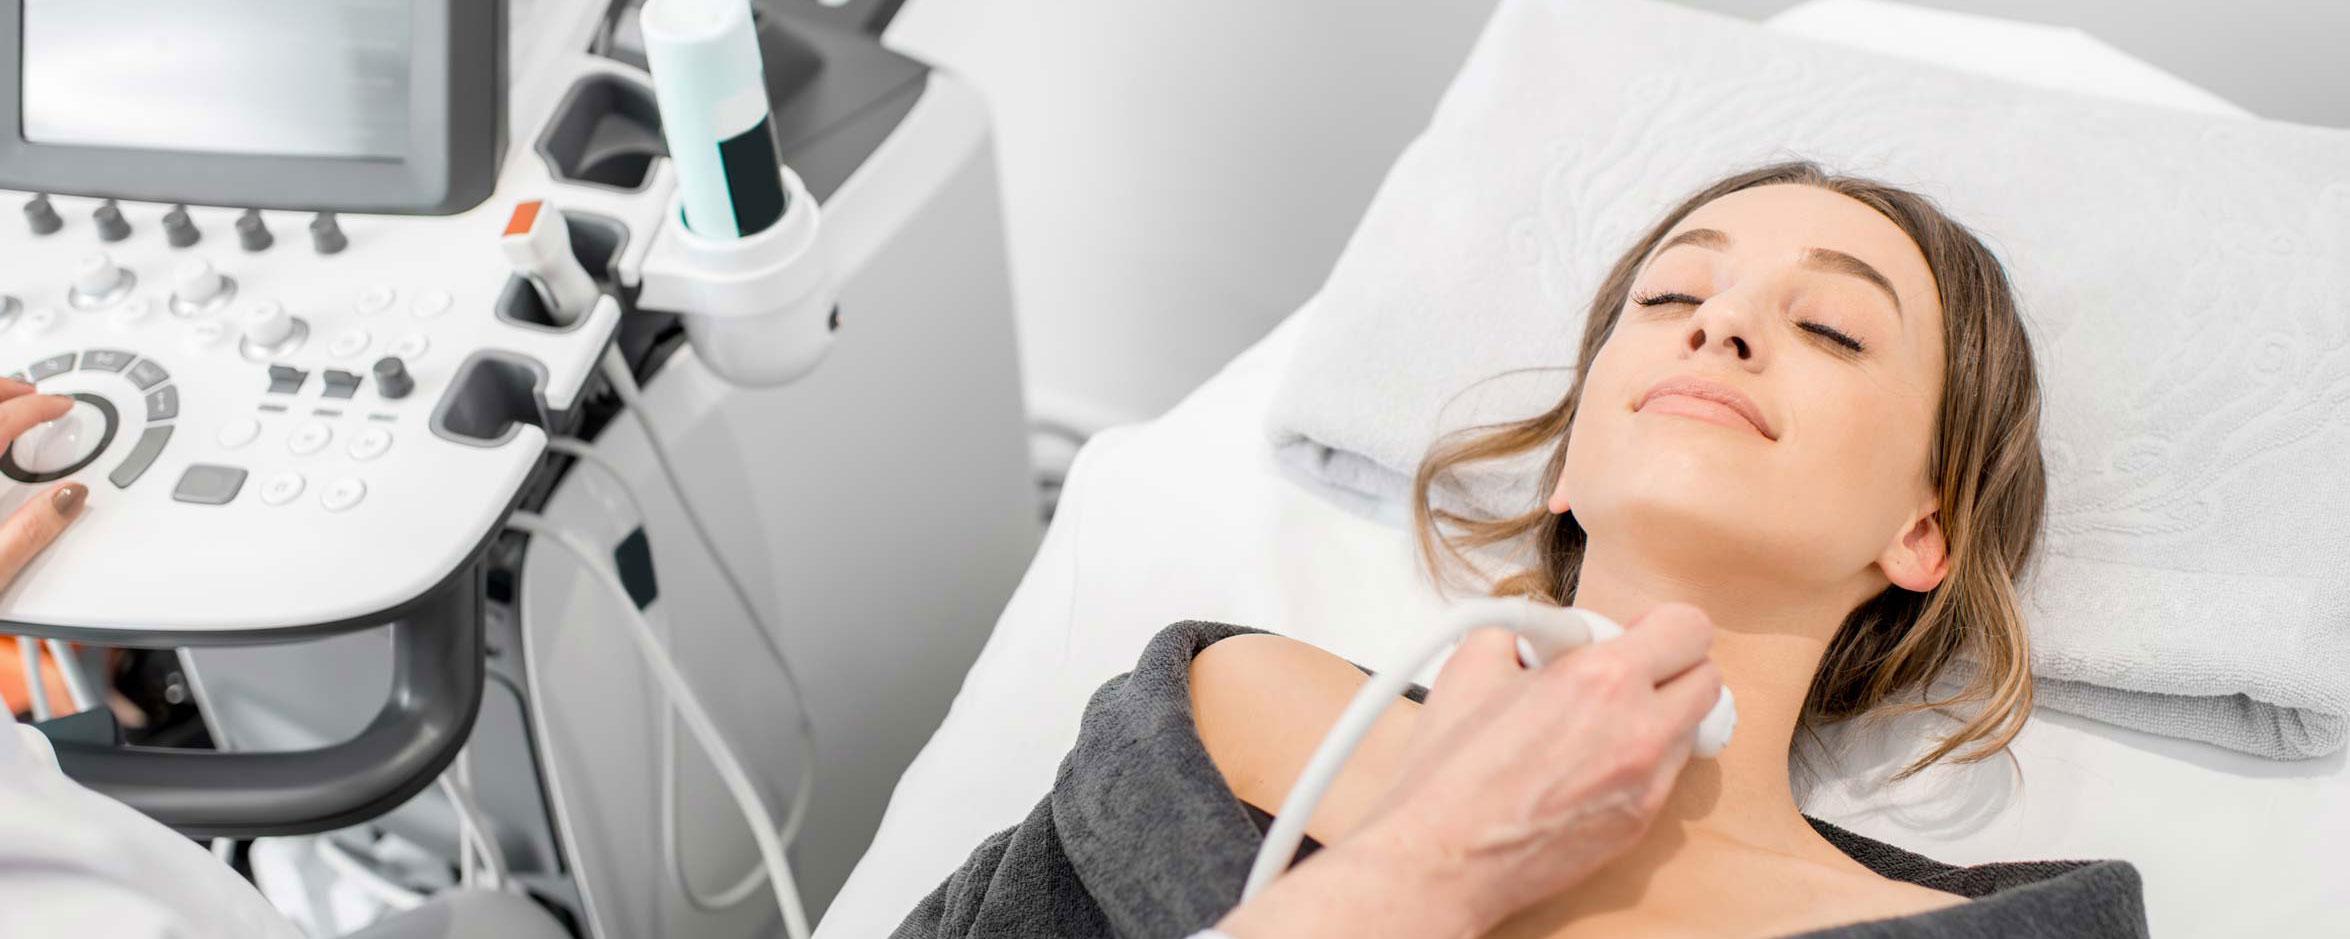 get-eco ecografia tiroide